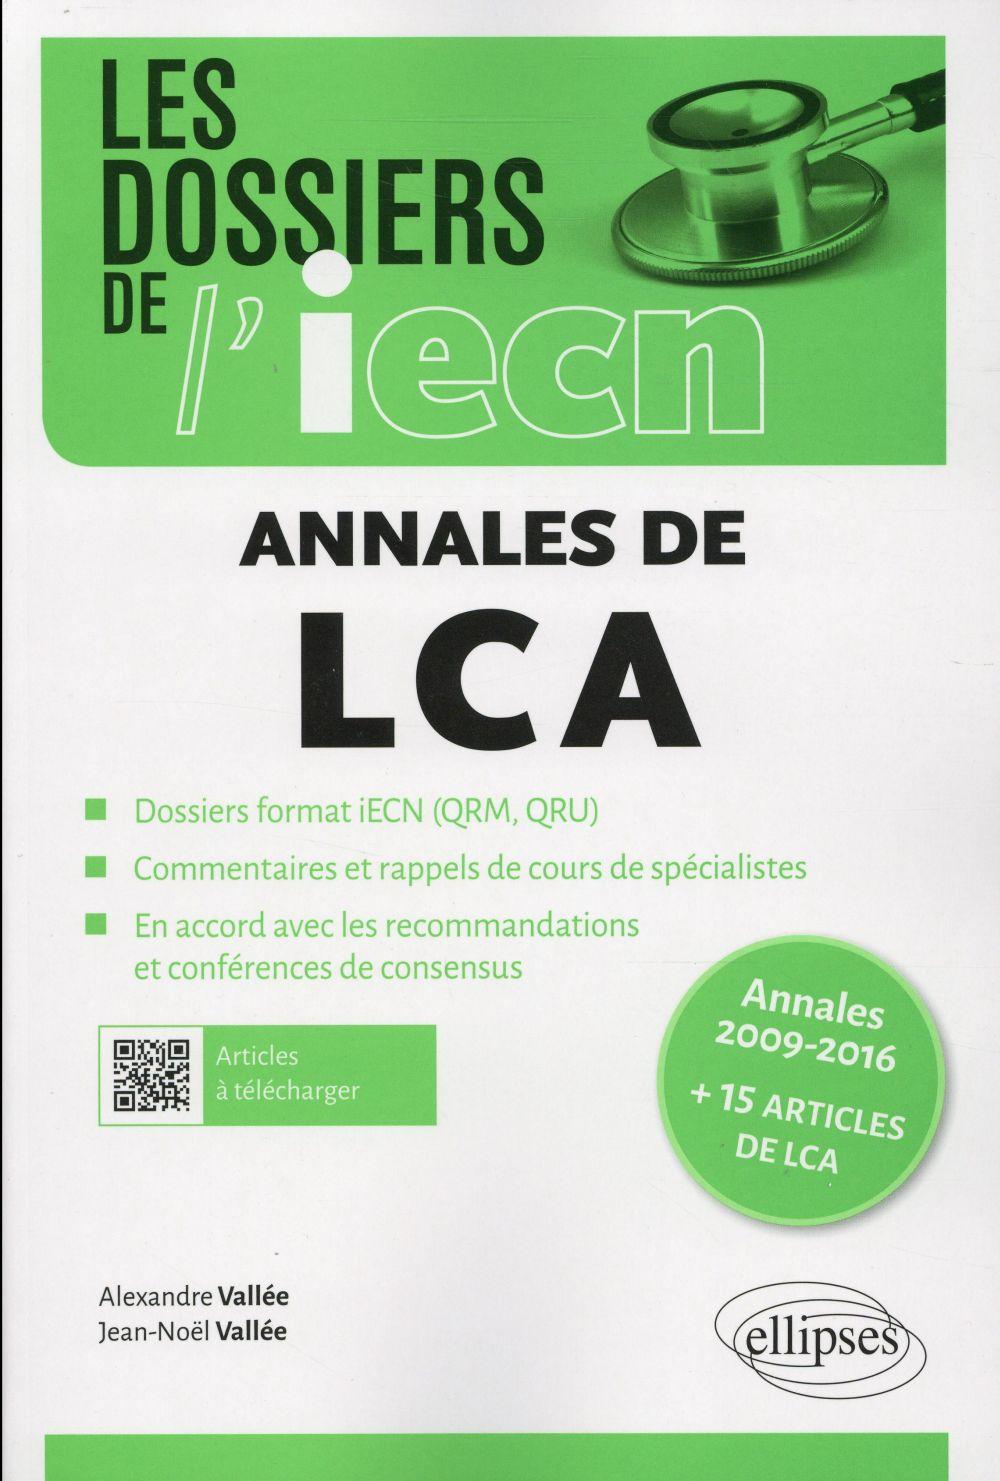 Les annales de LCA 2009 à 2016 ; 15 articles de LCA